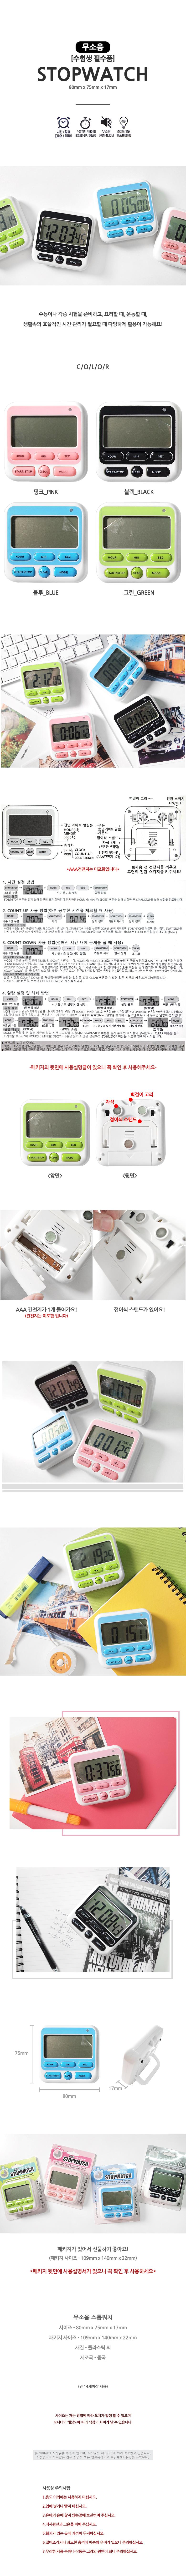 무소음 스톱워치 - 투영, 9,000원, 알람/탁상시계, 알람시계